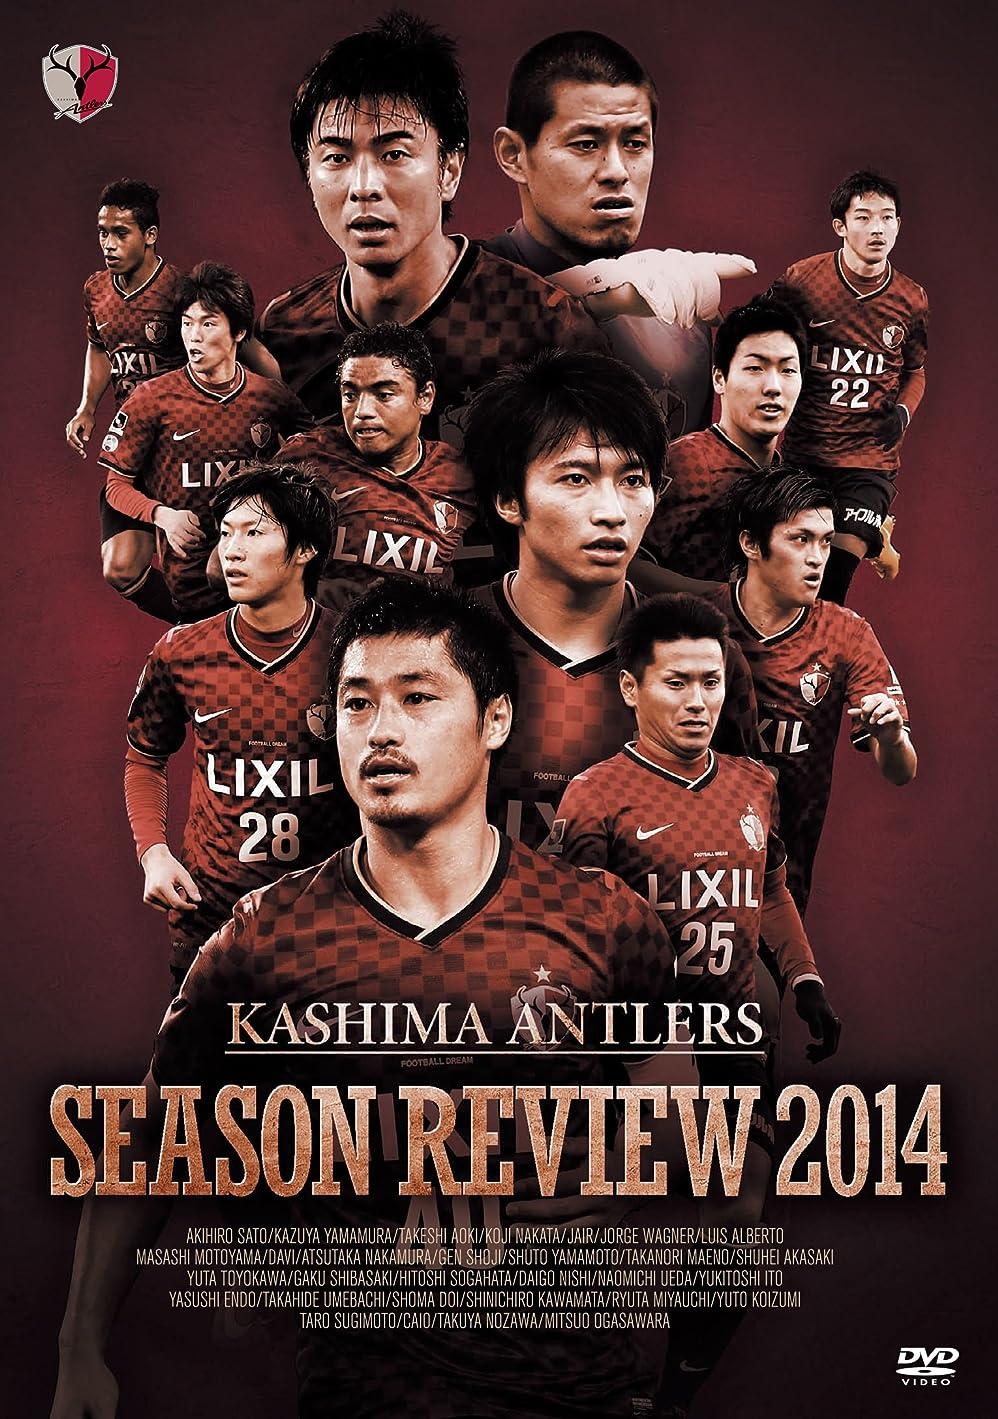 スワップ興奮三十鹿島アントラーズシーズンレビュー2014 [DVD]